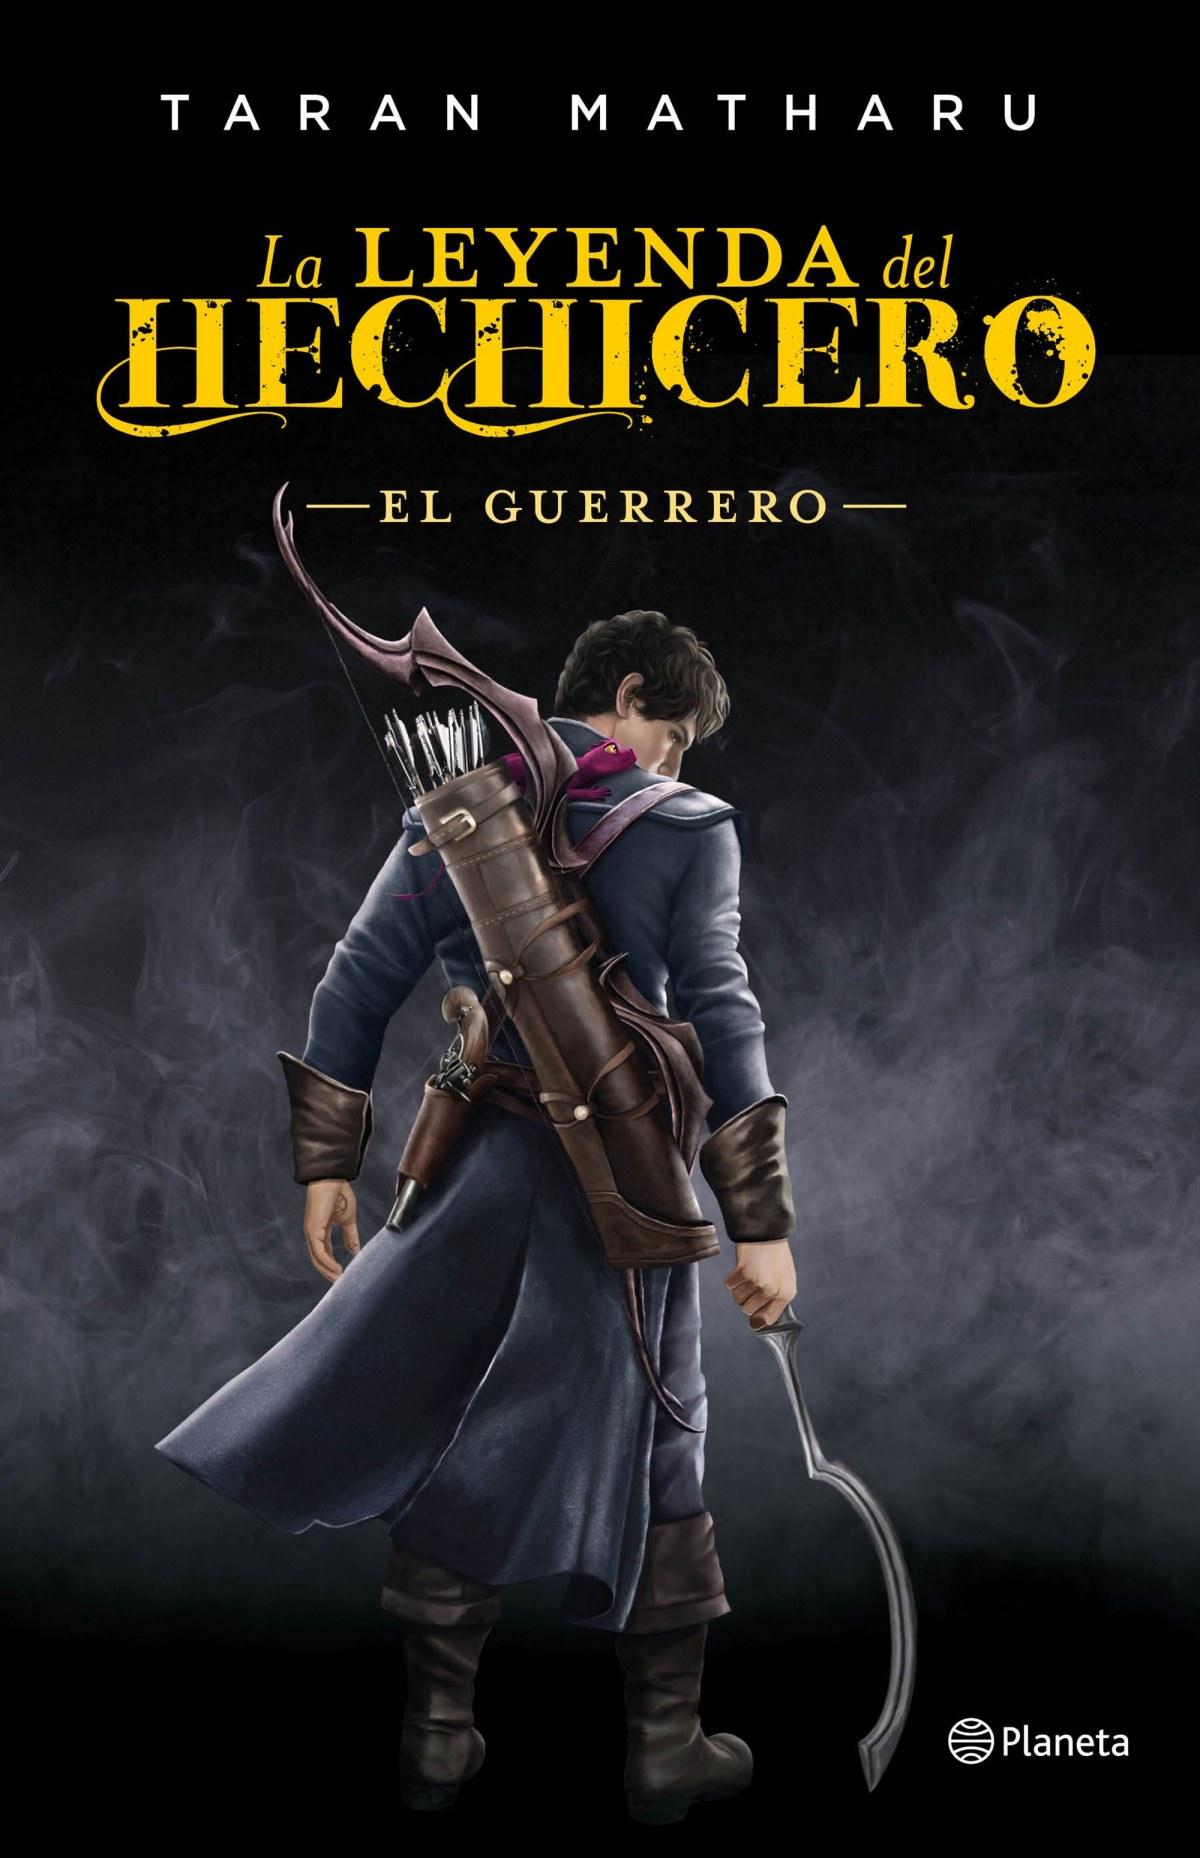 LA LEYENDA DEL HECHICERO. EL GUERRERO 9788408161790